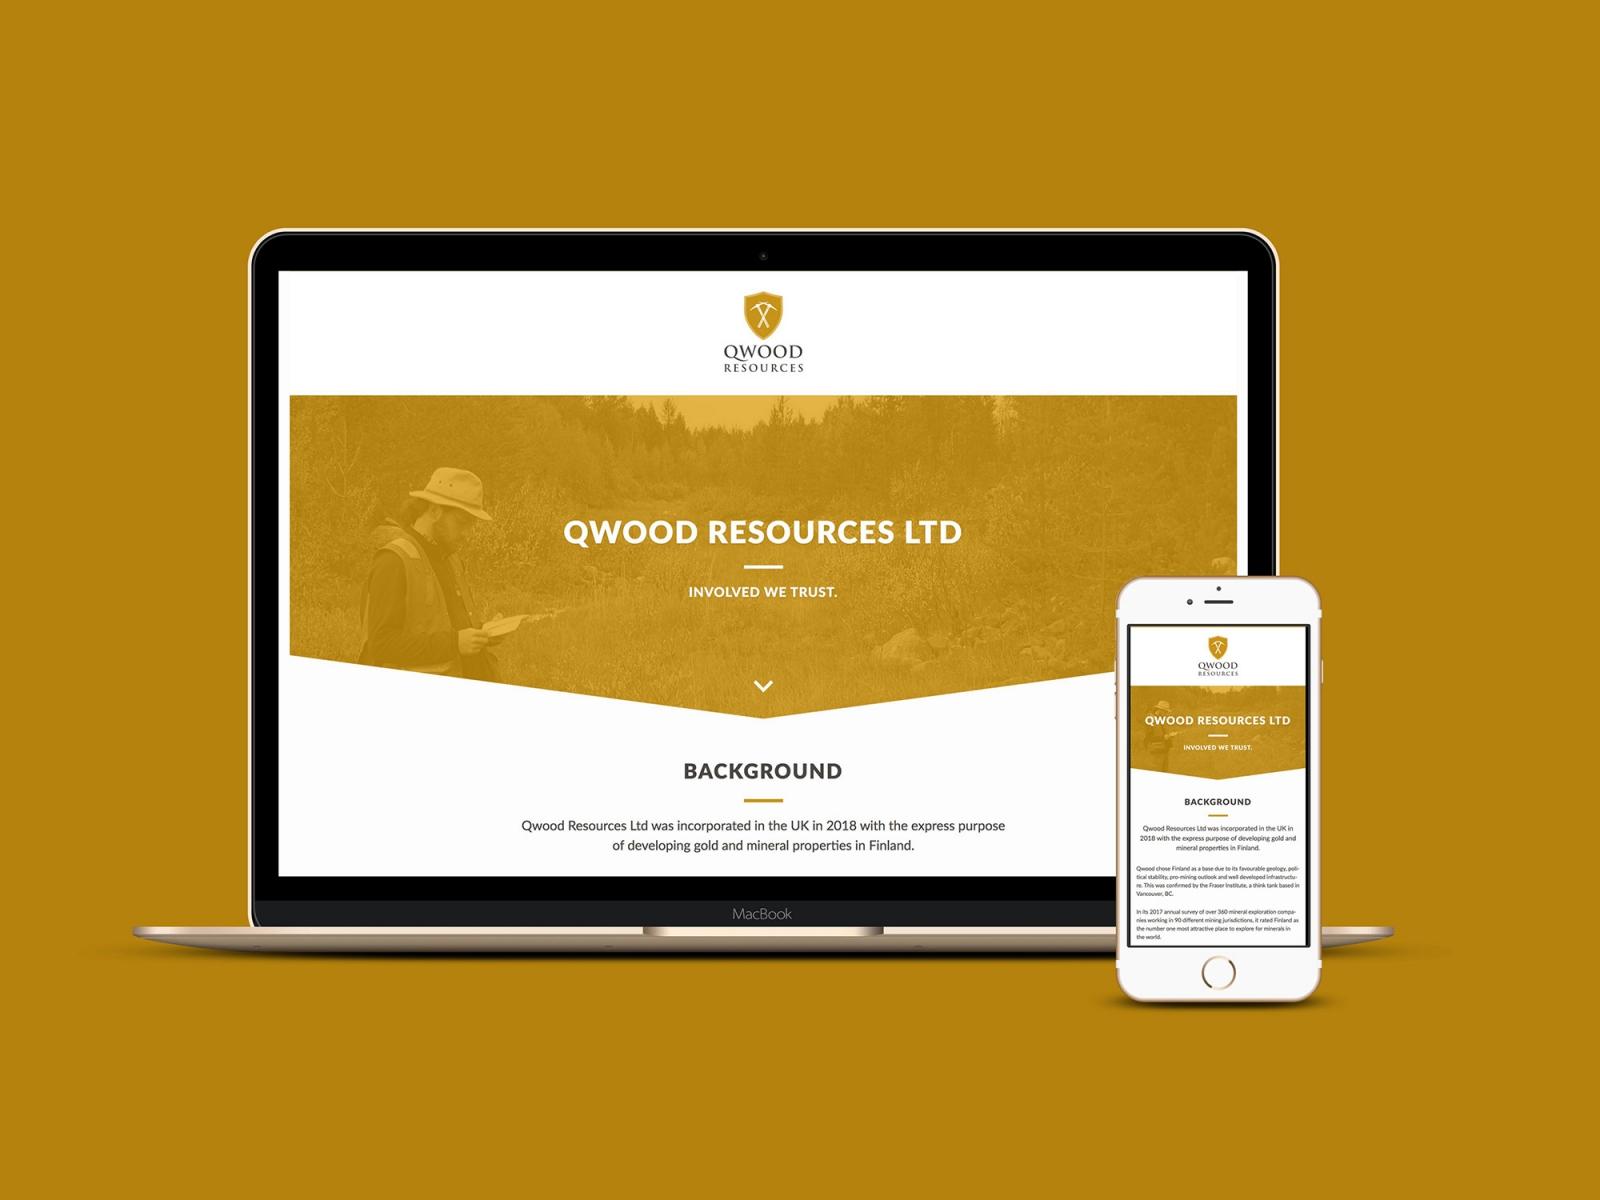 Yhden sivun kotisivu Qwood Resources Ltd:lle.